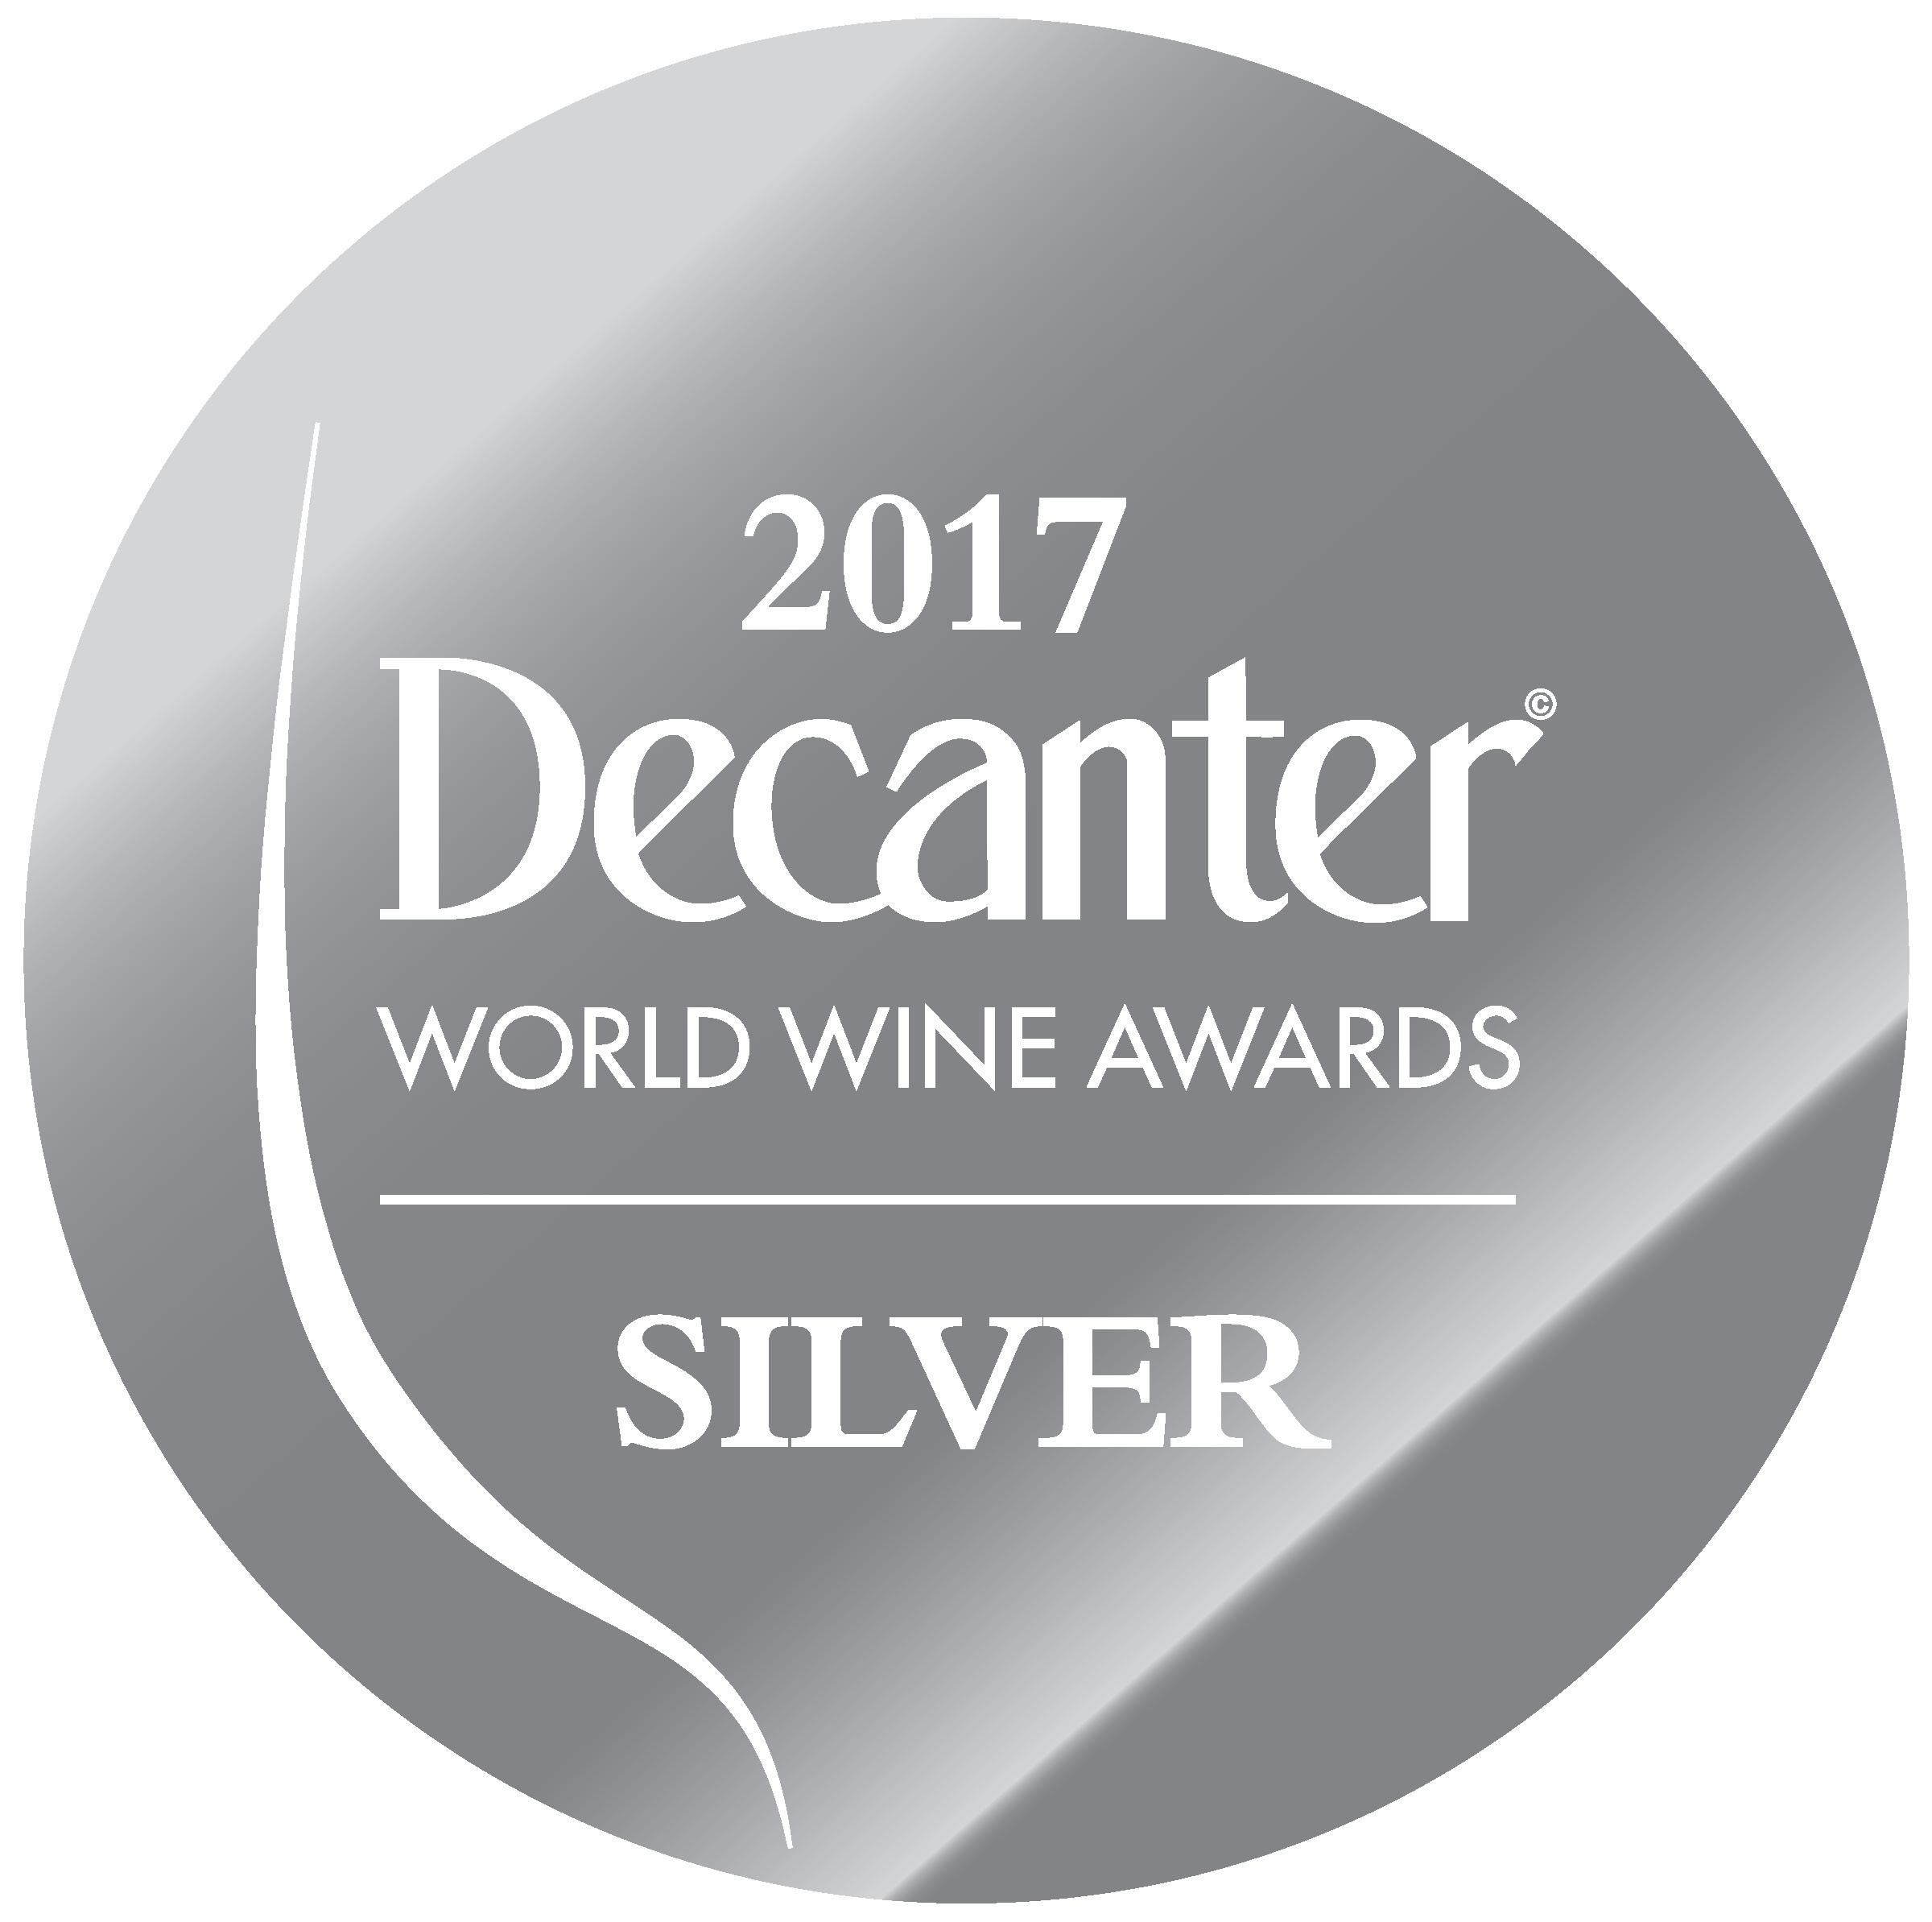 Mai 2017: 90 Punkte & Silbermedaille DECANTER WORLD WINE AWARDS für Jahrgang 2015